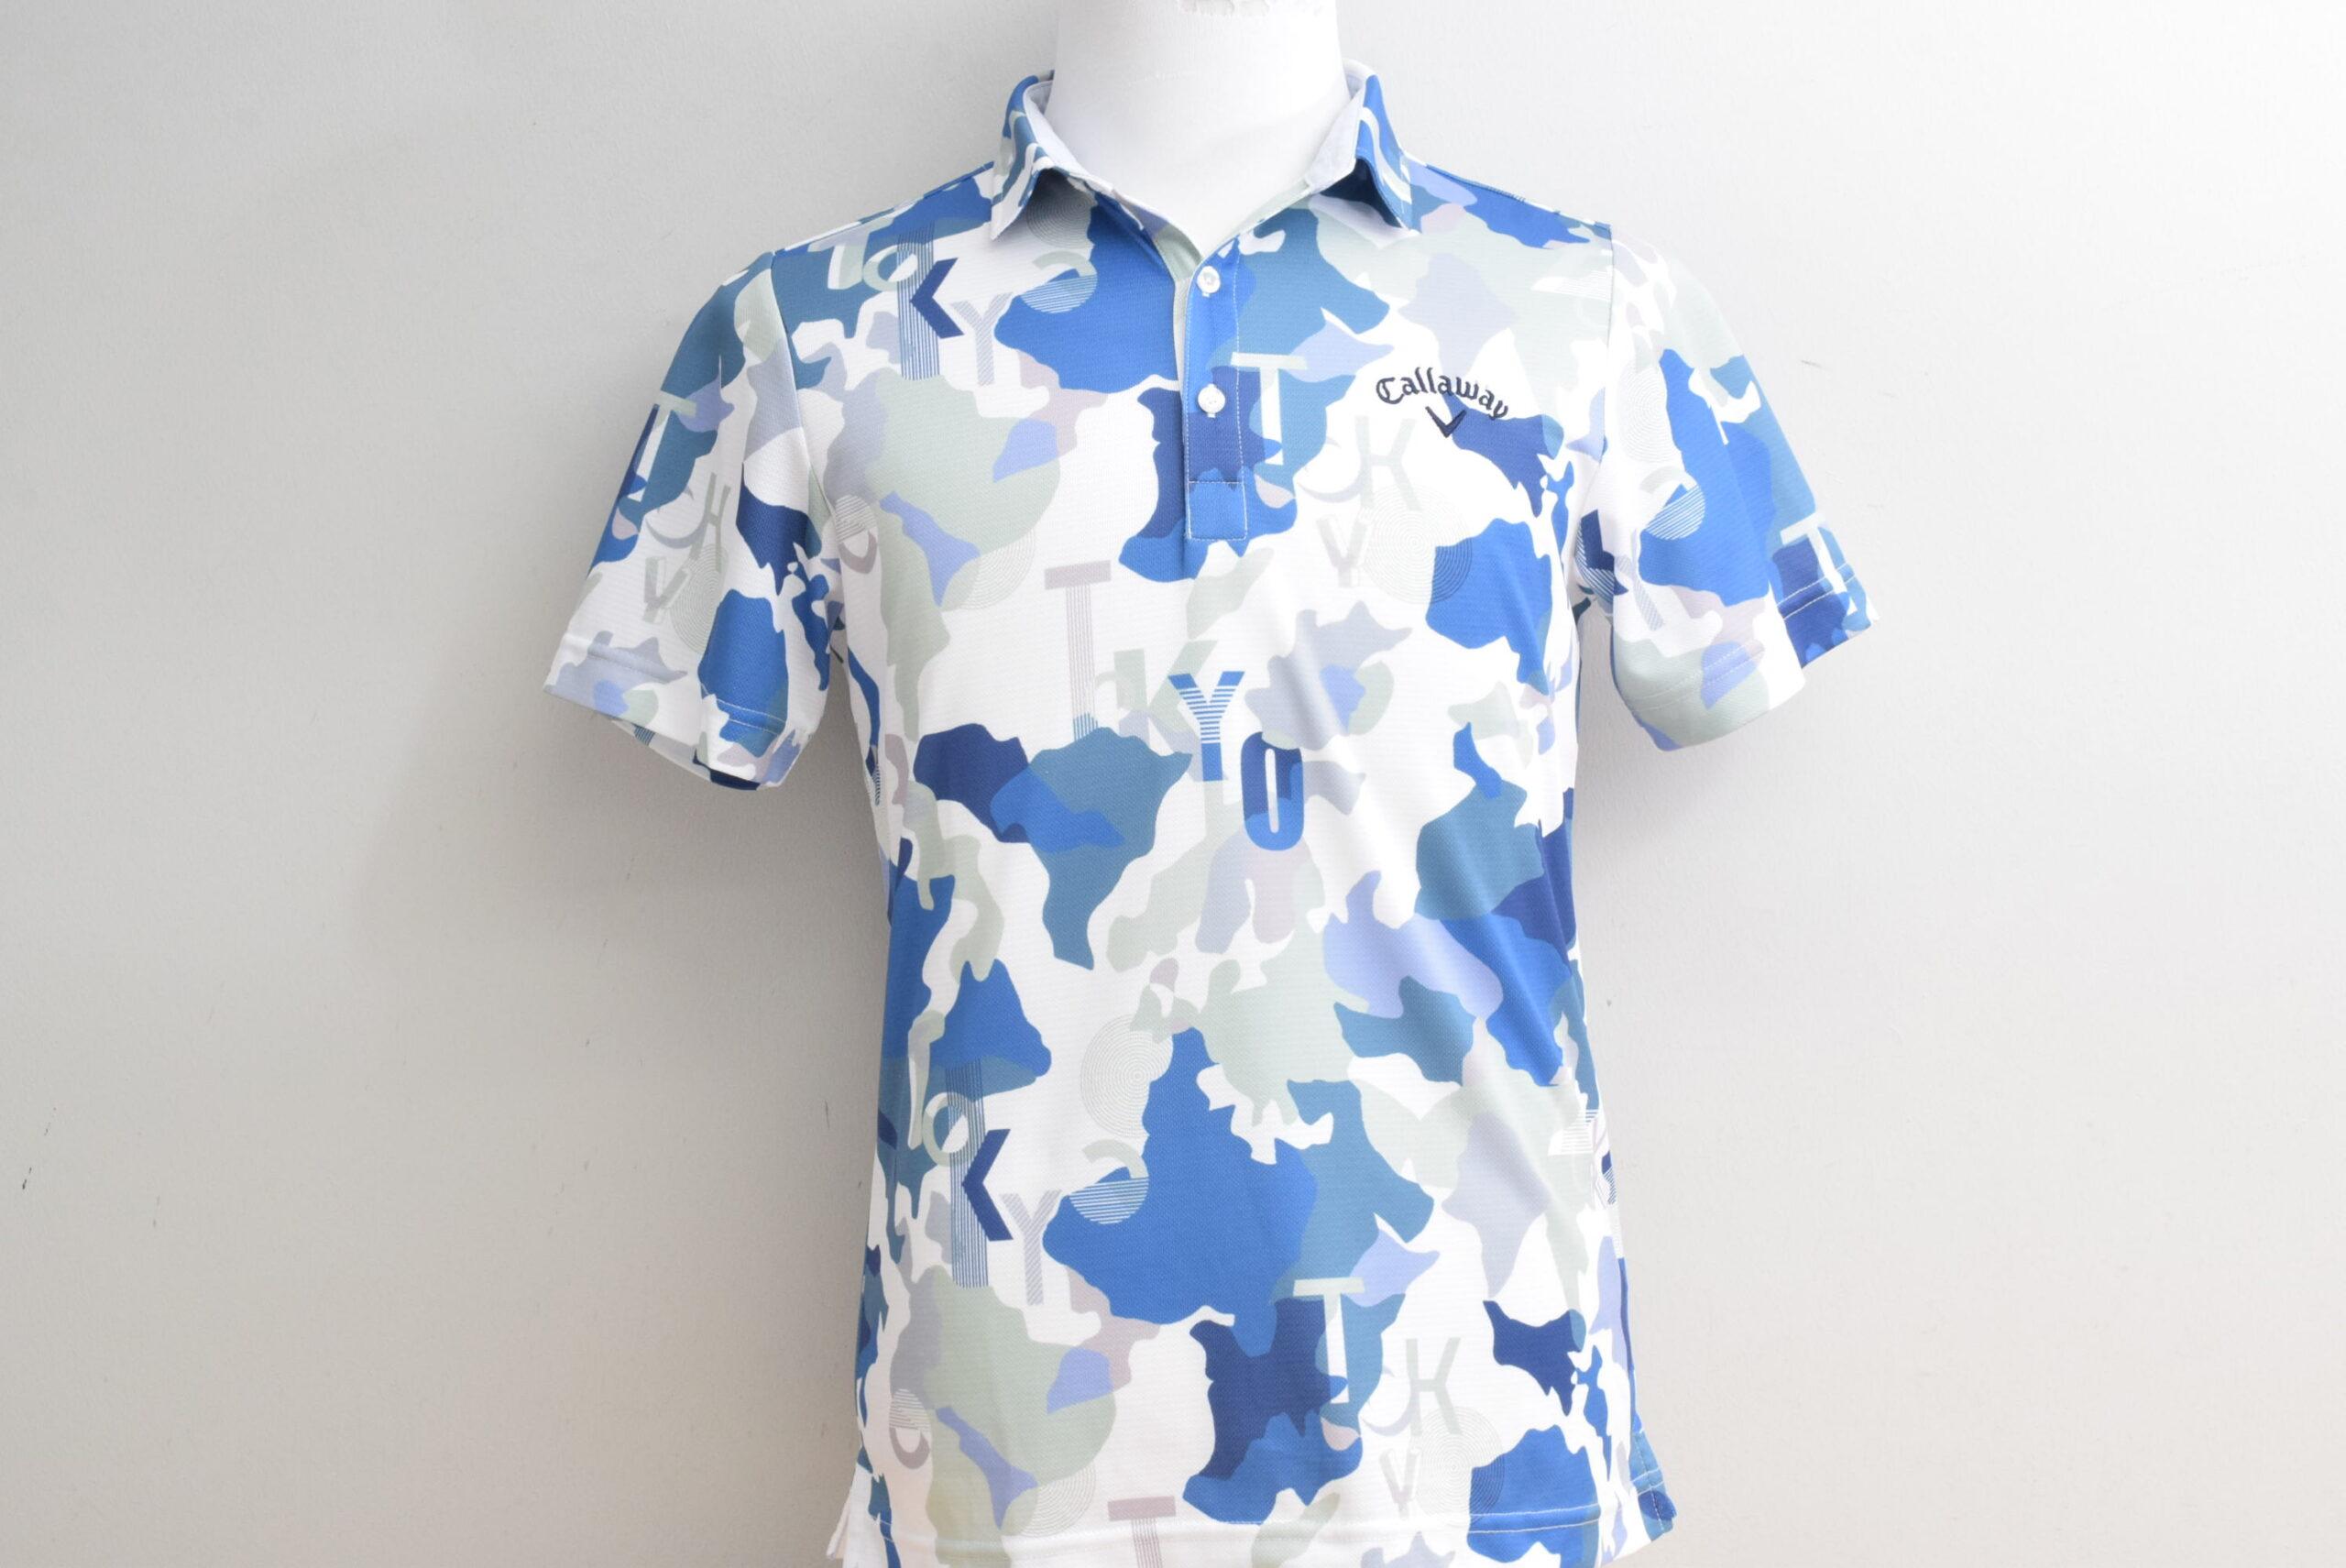 キャロウェイ メンズ ポロシャツ ブルー系 マッププリント Lサイズ